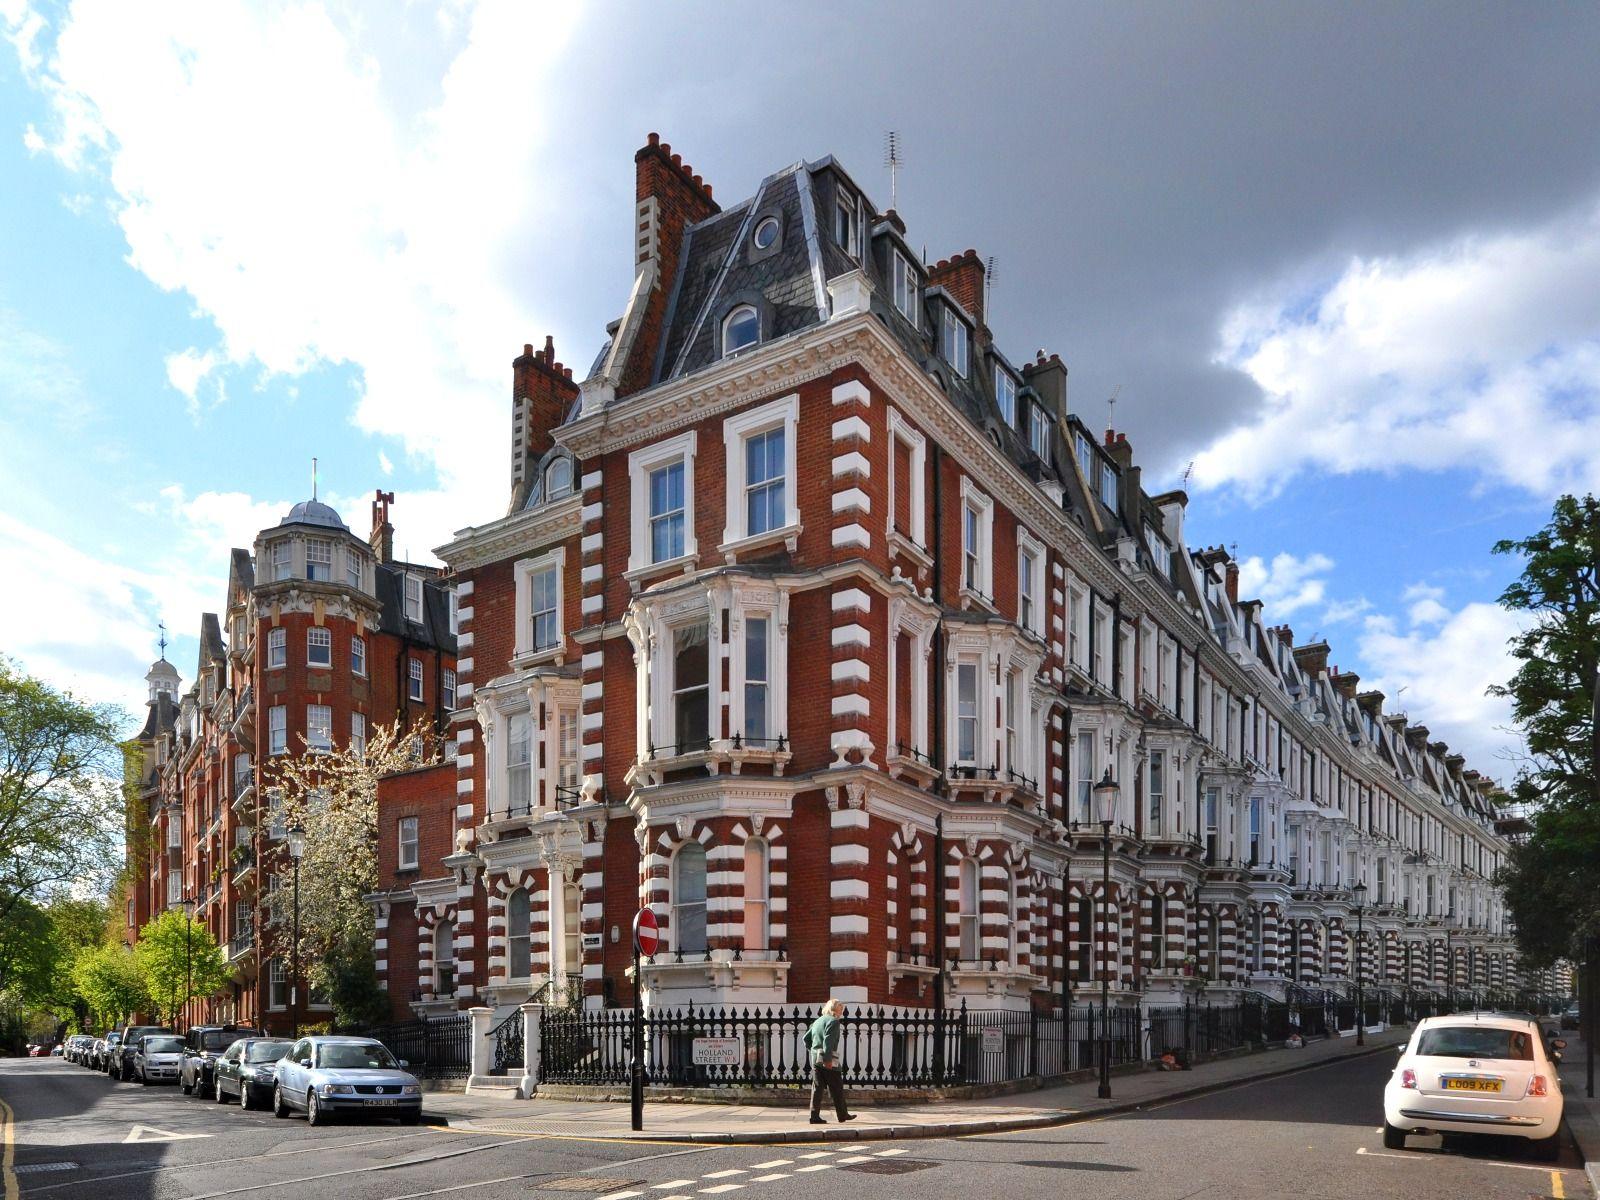 londonarchitecturedetails_N1.jpg (1600×1200)